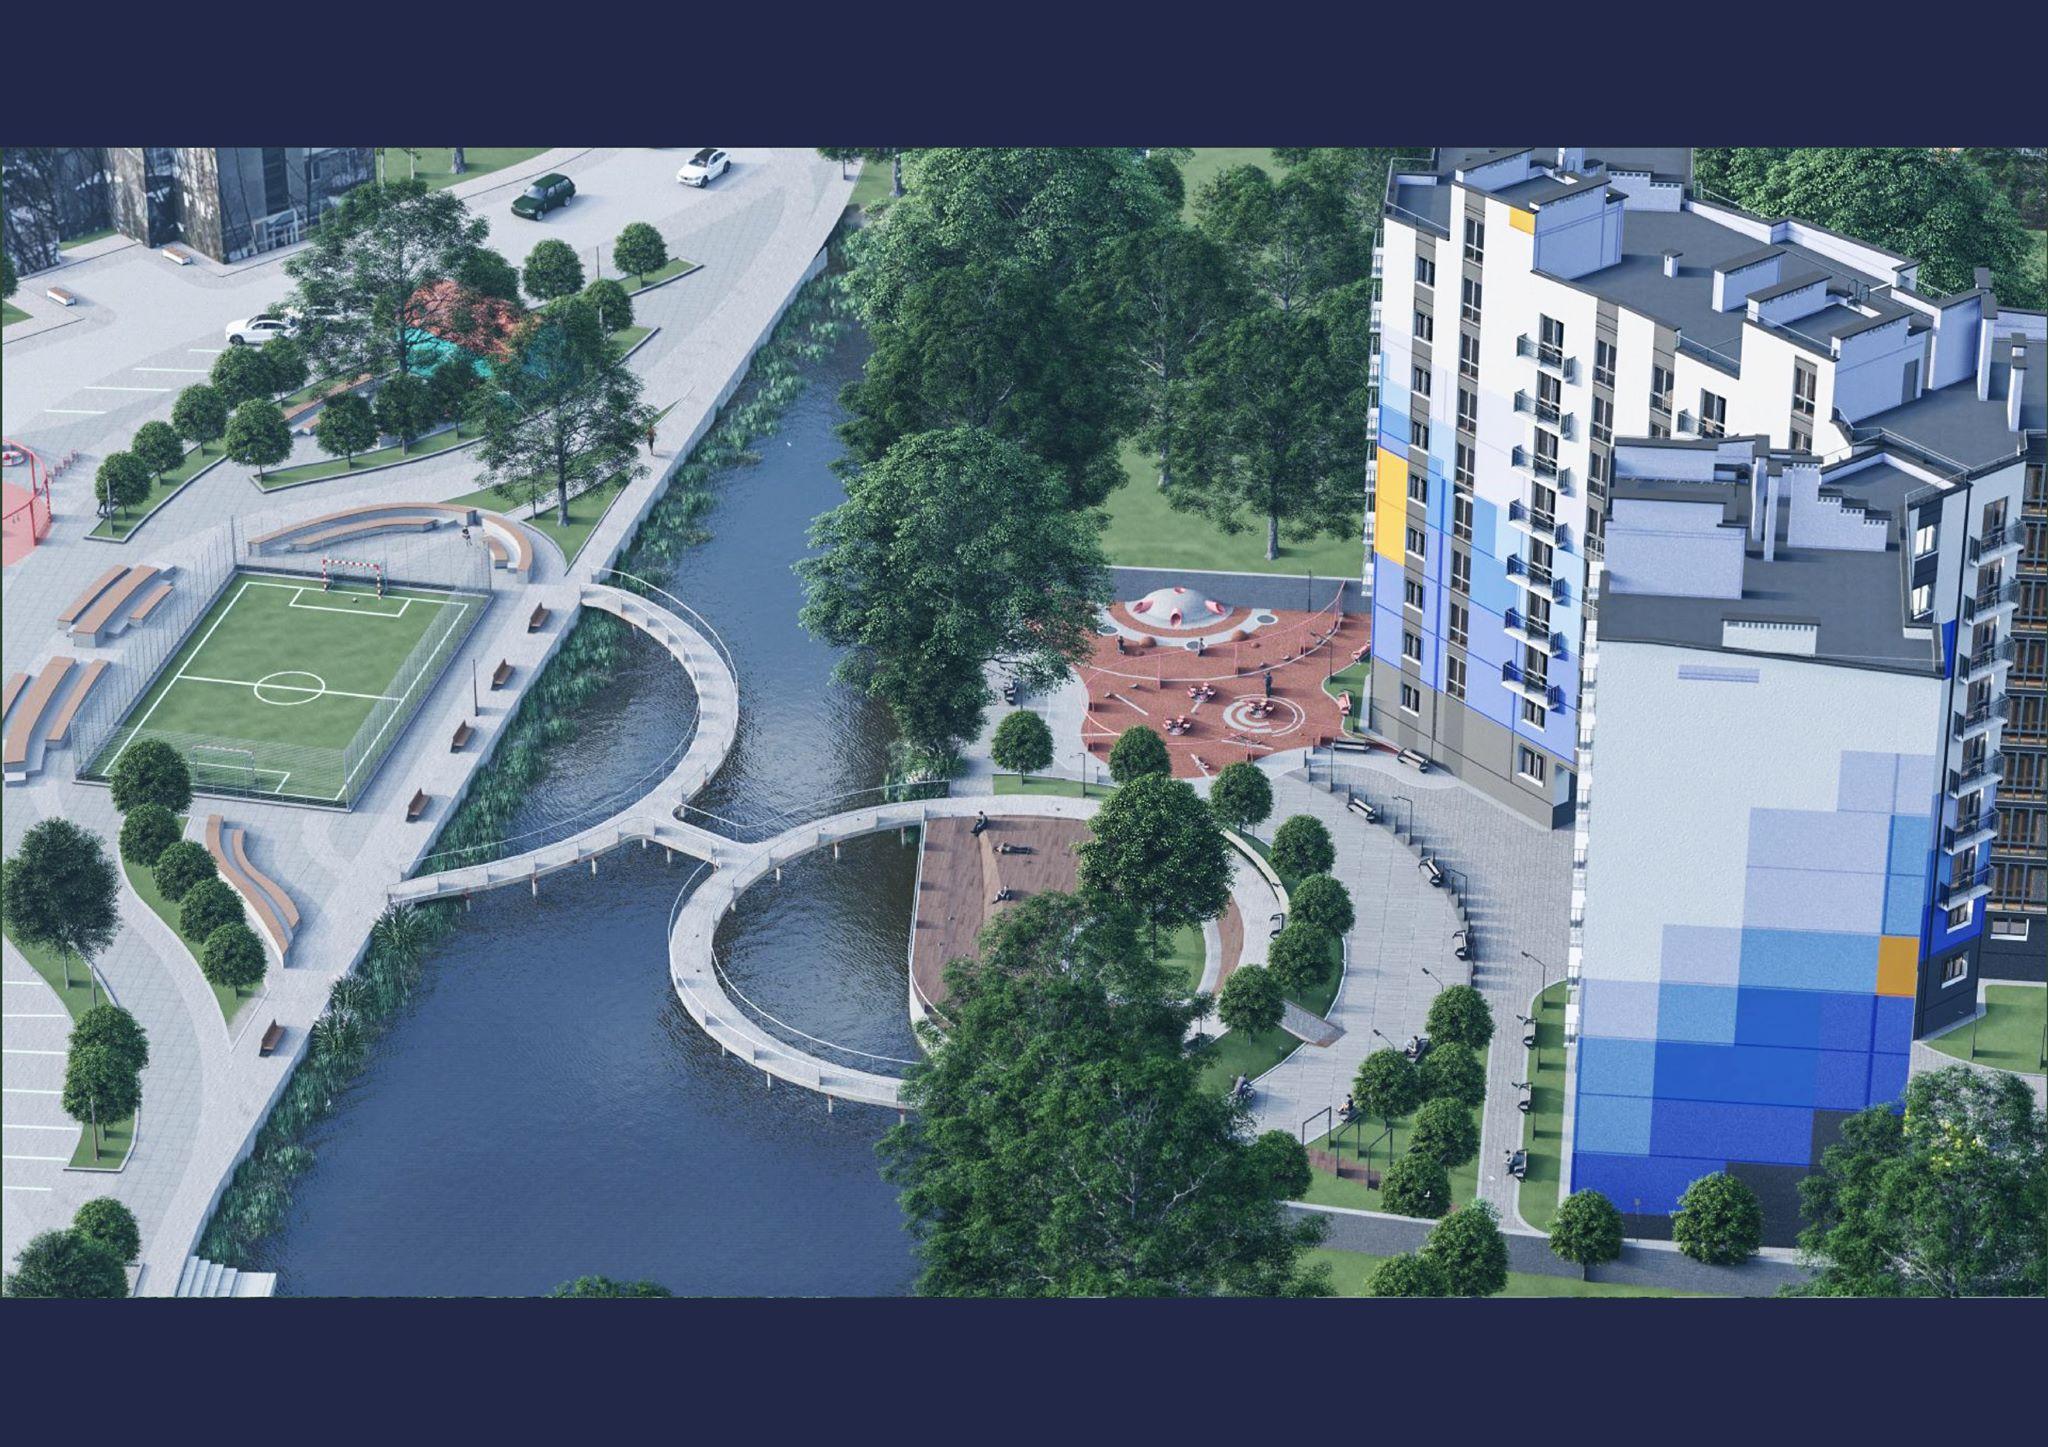 Івано-франківська будівельна компанія «МЖК Експрес-24» визнана однією з найкращих в Україні 34